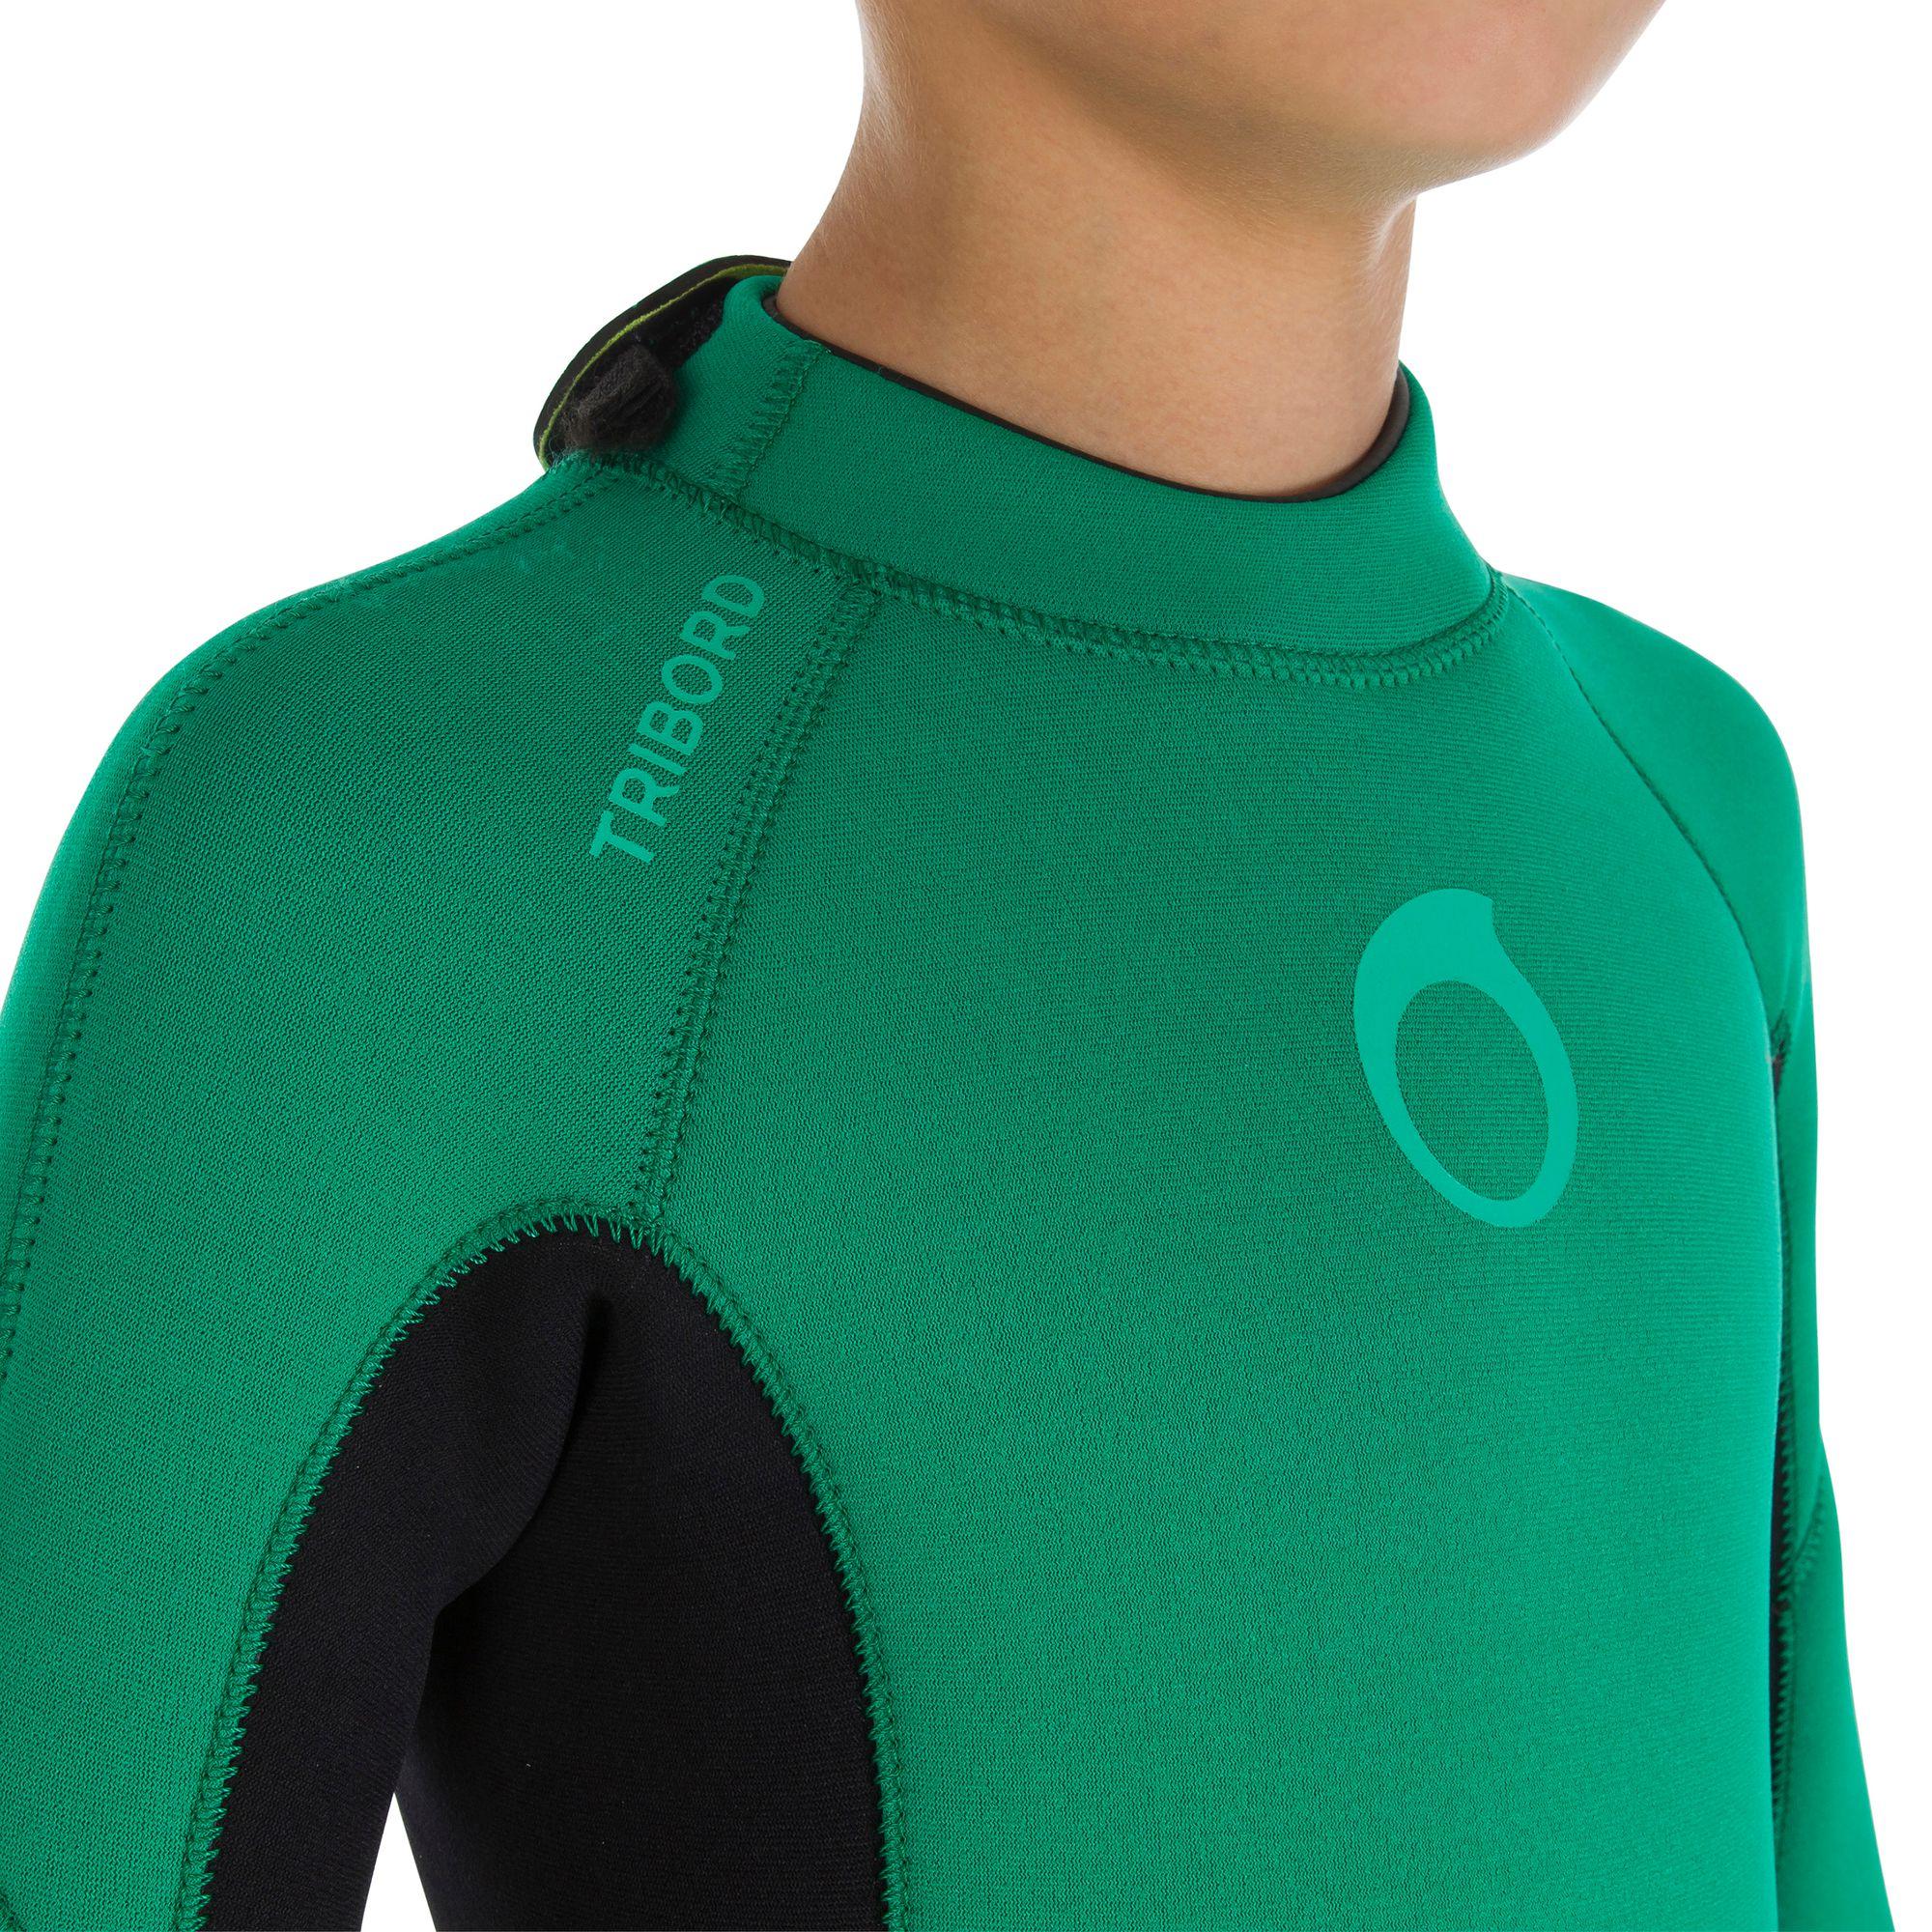 68408d13220 Combinaison SURF 100 Néoprène 4 3 mm Enfant - Clubs   Collectivités ...